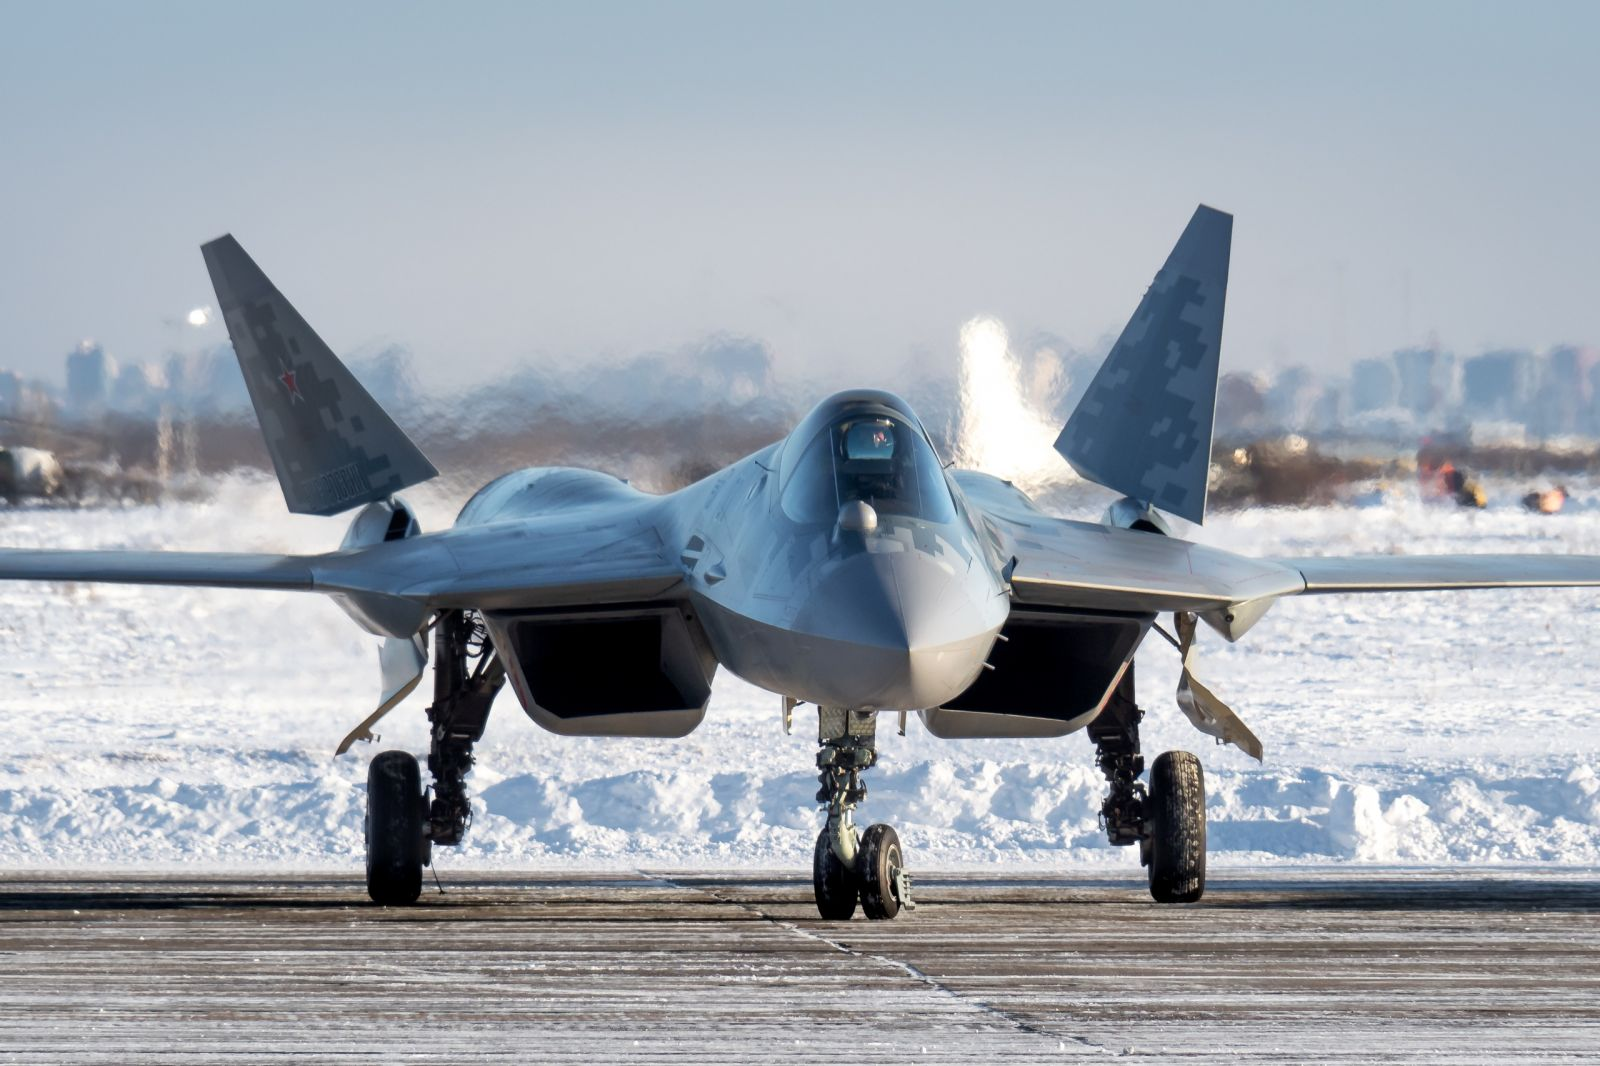 Коледен подарък и за руските ВКС – получиха първия сериен изтребител Су-57 (богата фотогалерия)